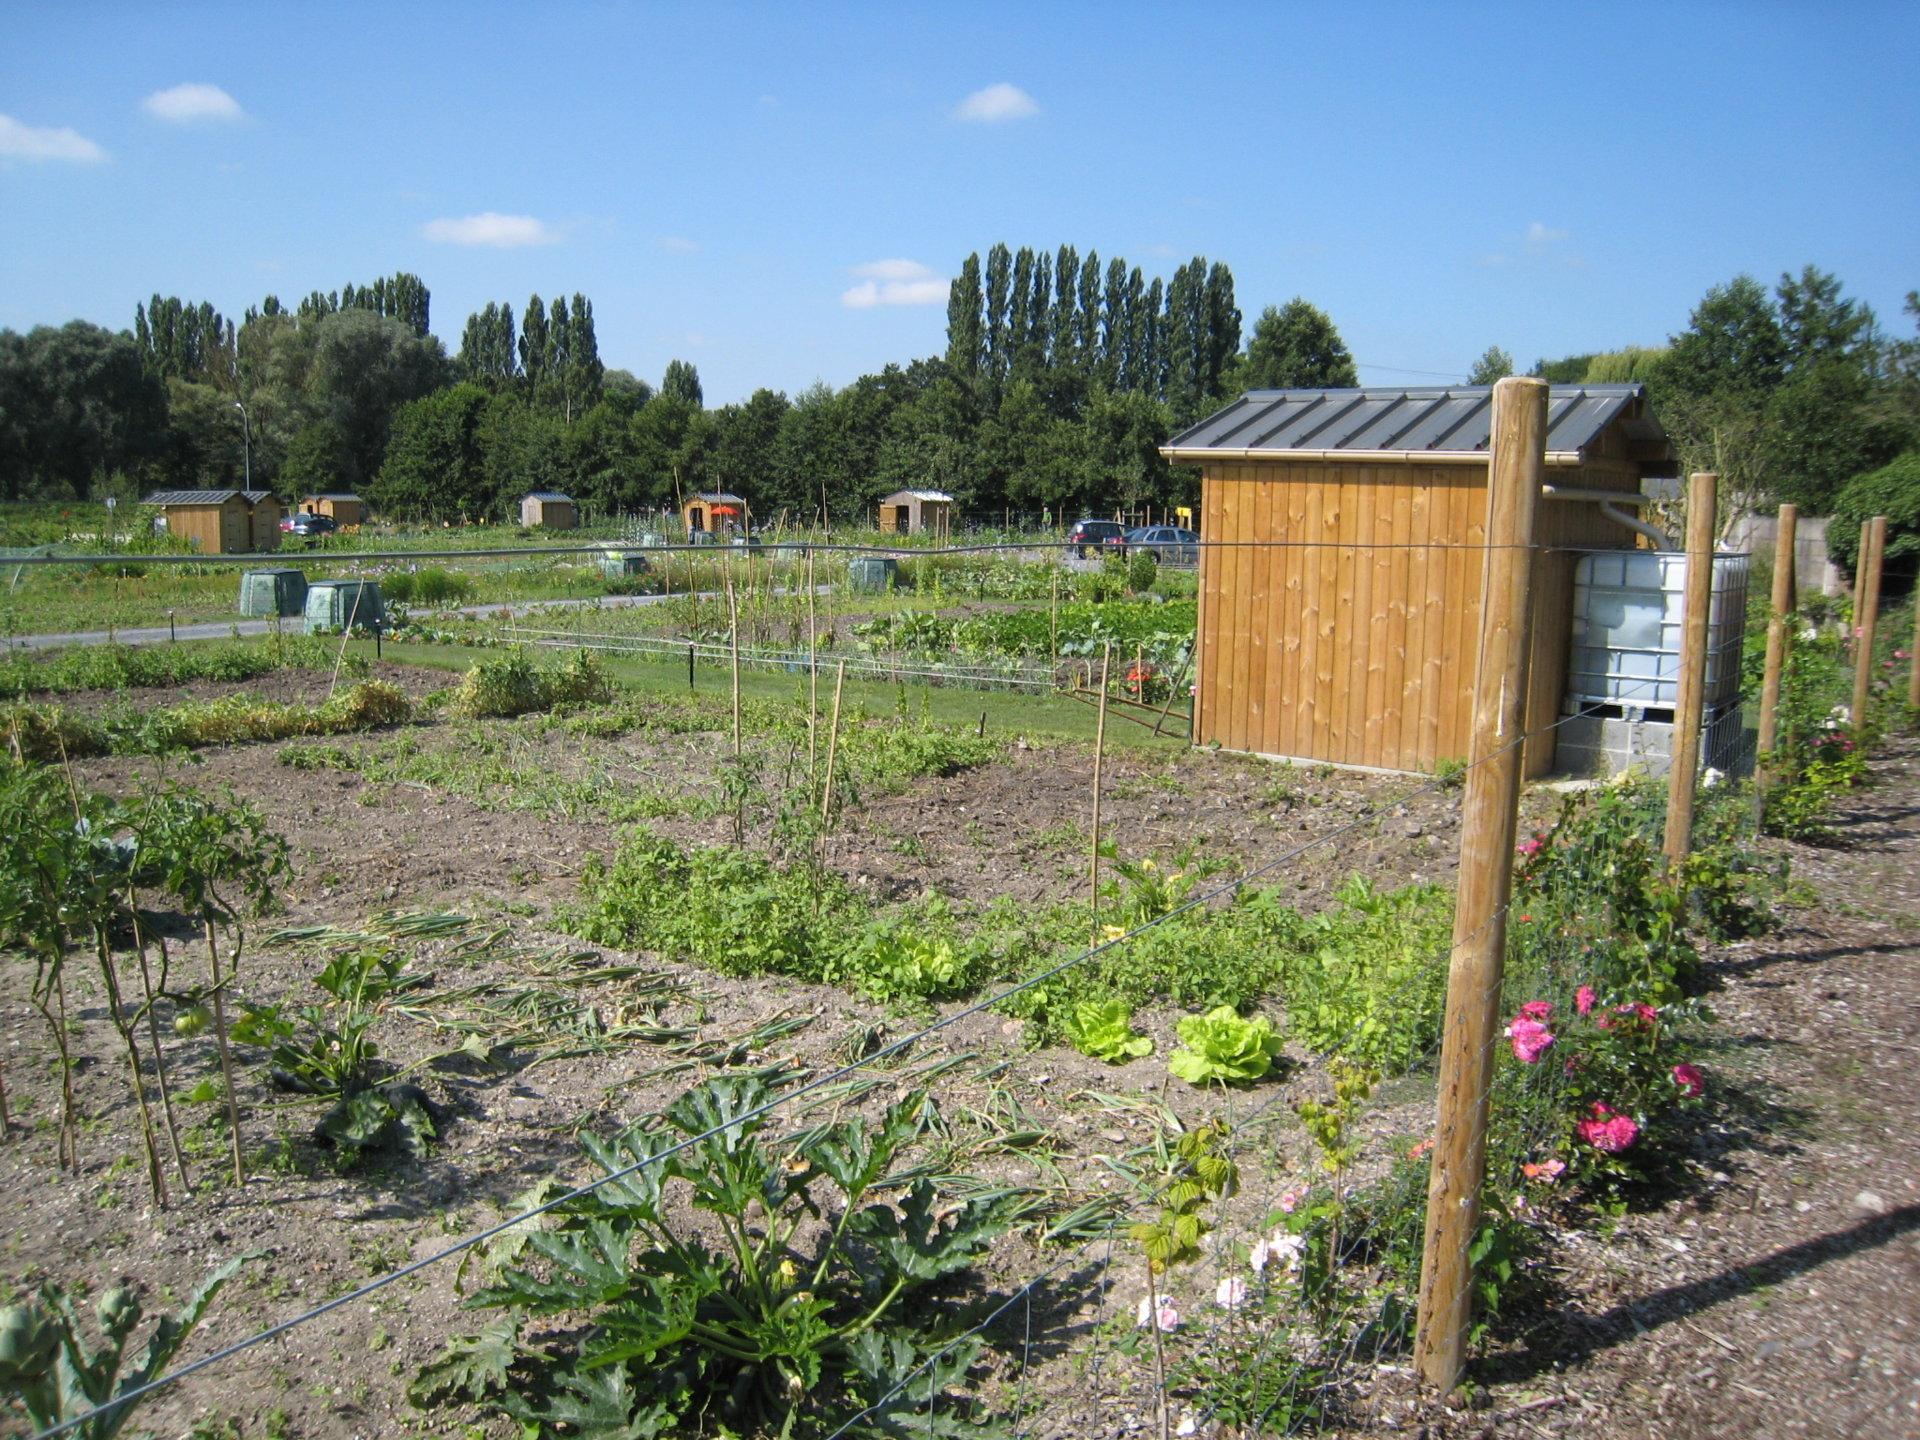 Jardins familiaux jardins familliaux de l 39 oise for Jardin familiaux